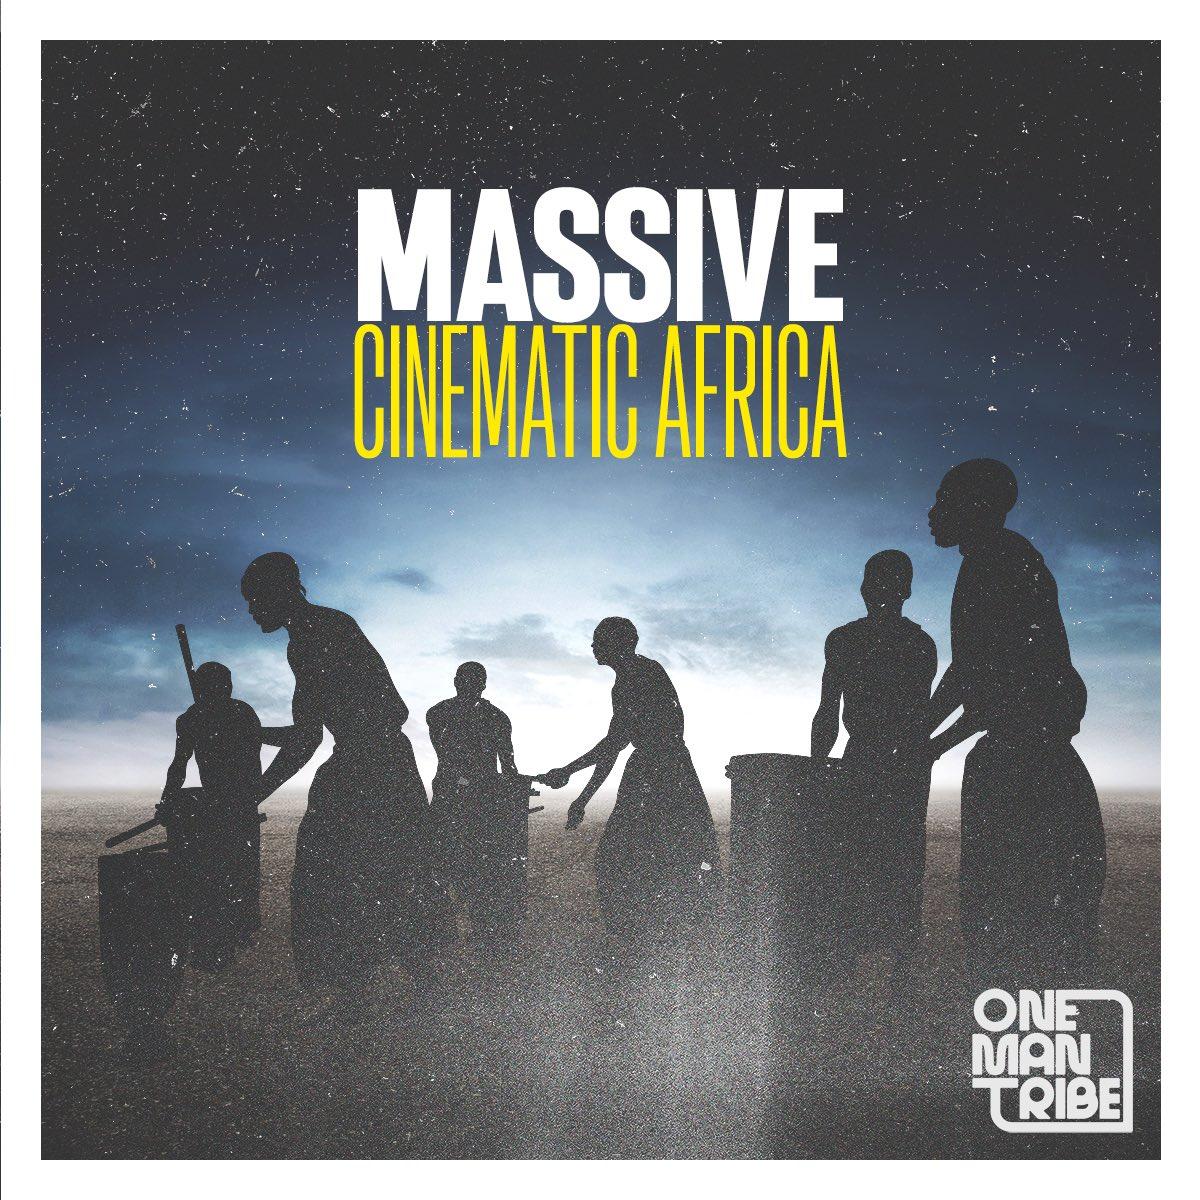 Massive Cinematic Africa